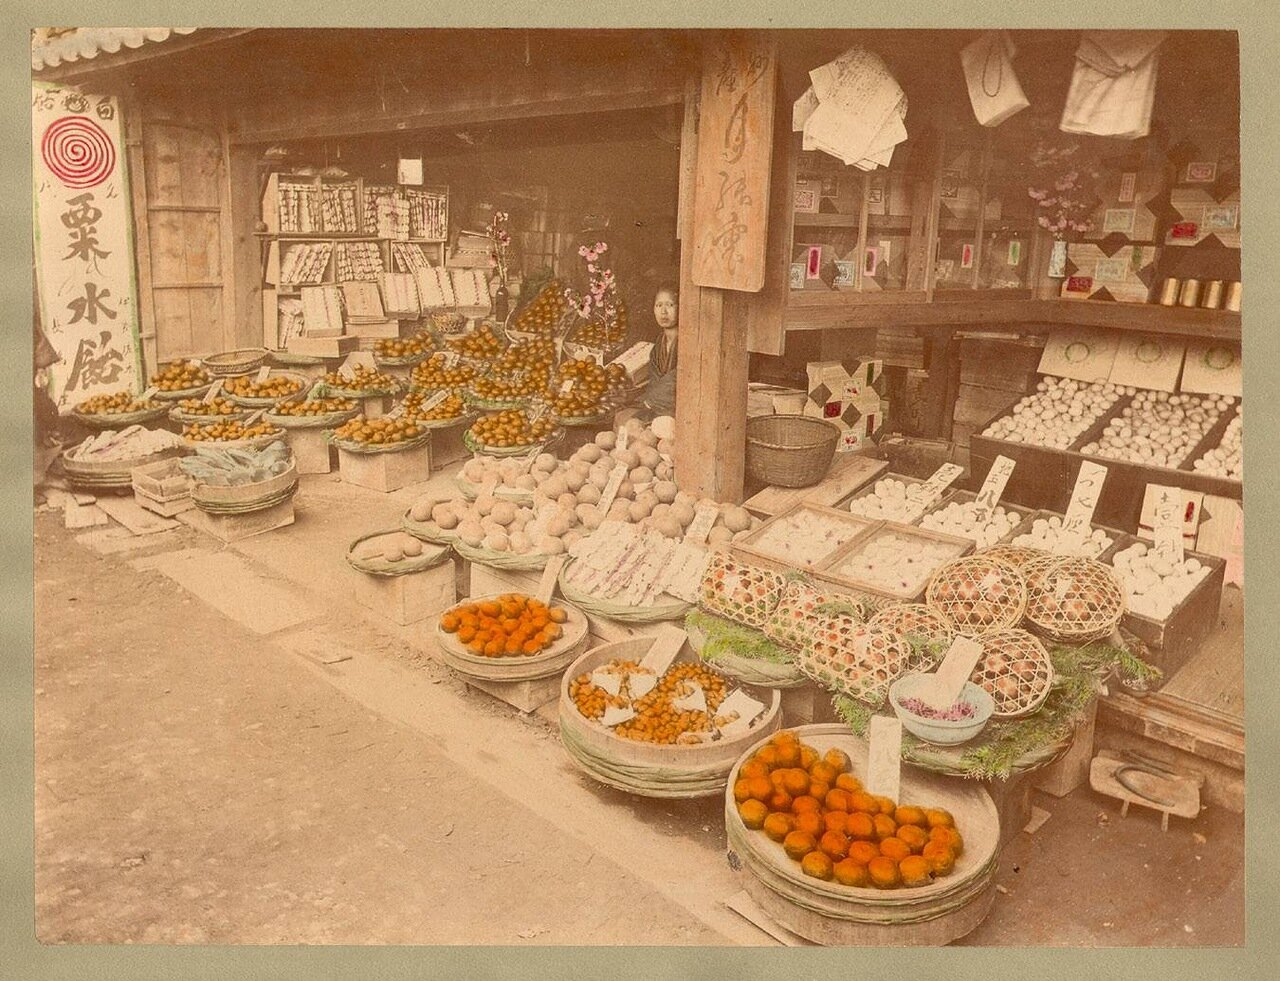 Продовольственная лавка и лавка зеленщика